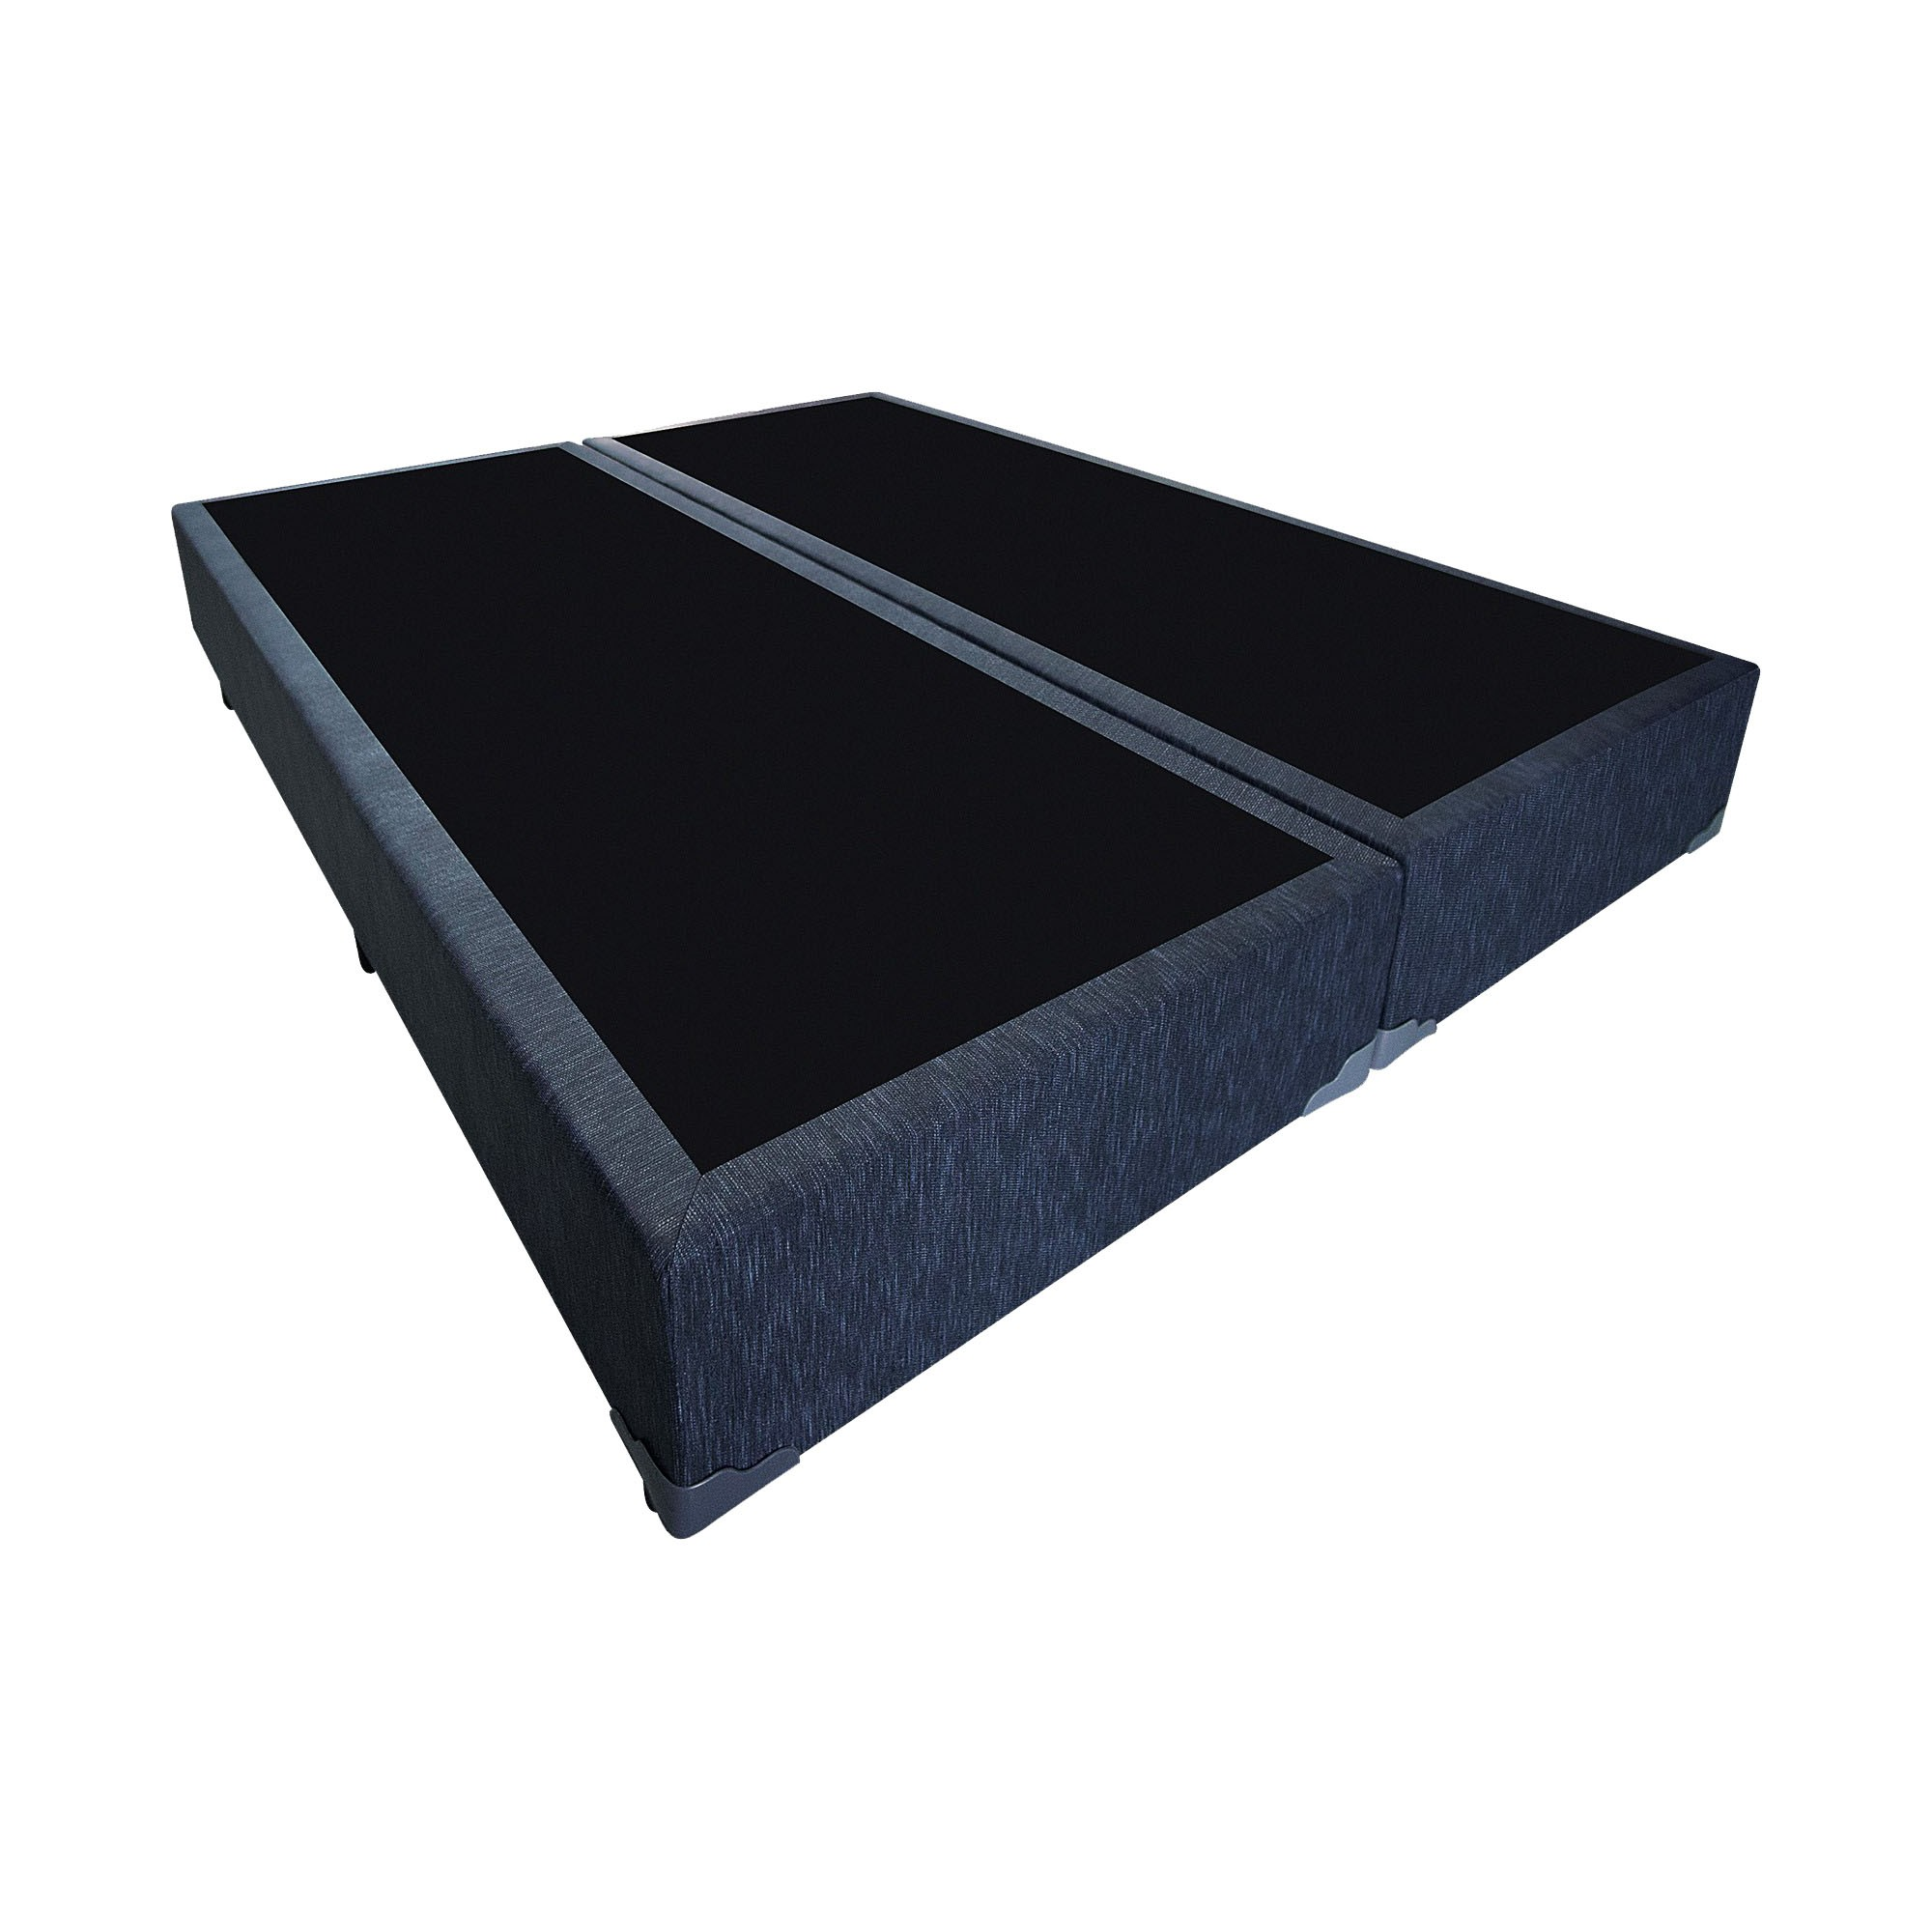 Box Tradicional Linhão Cosmo [Casal bi-partido 138 x 188 cm]